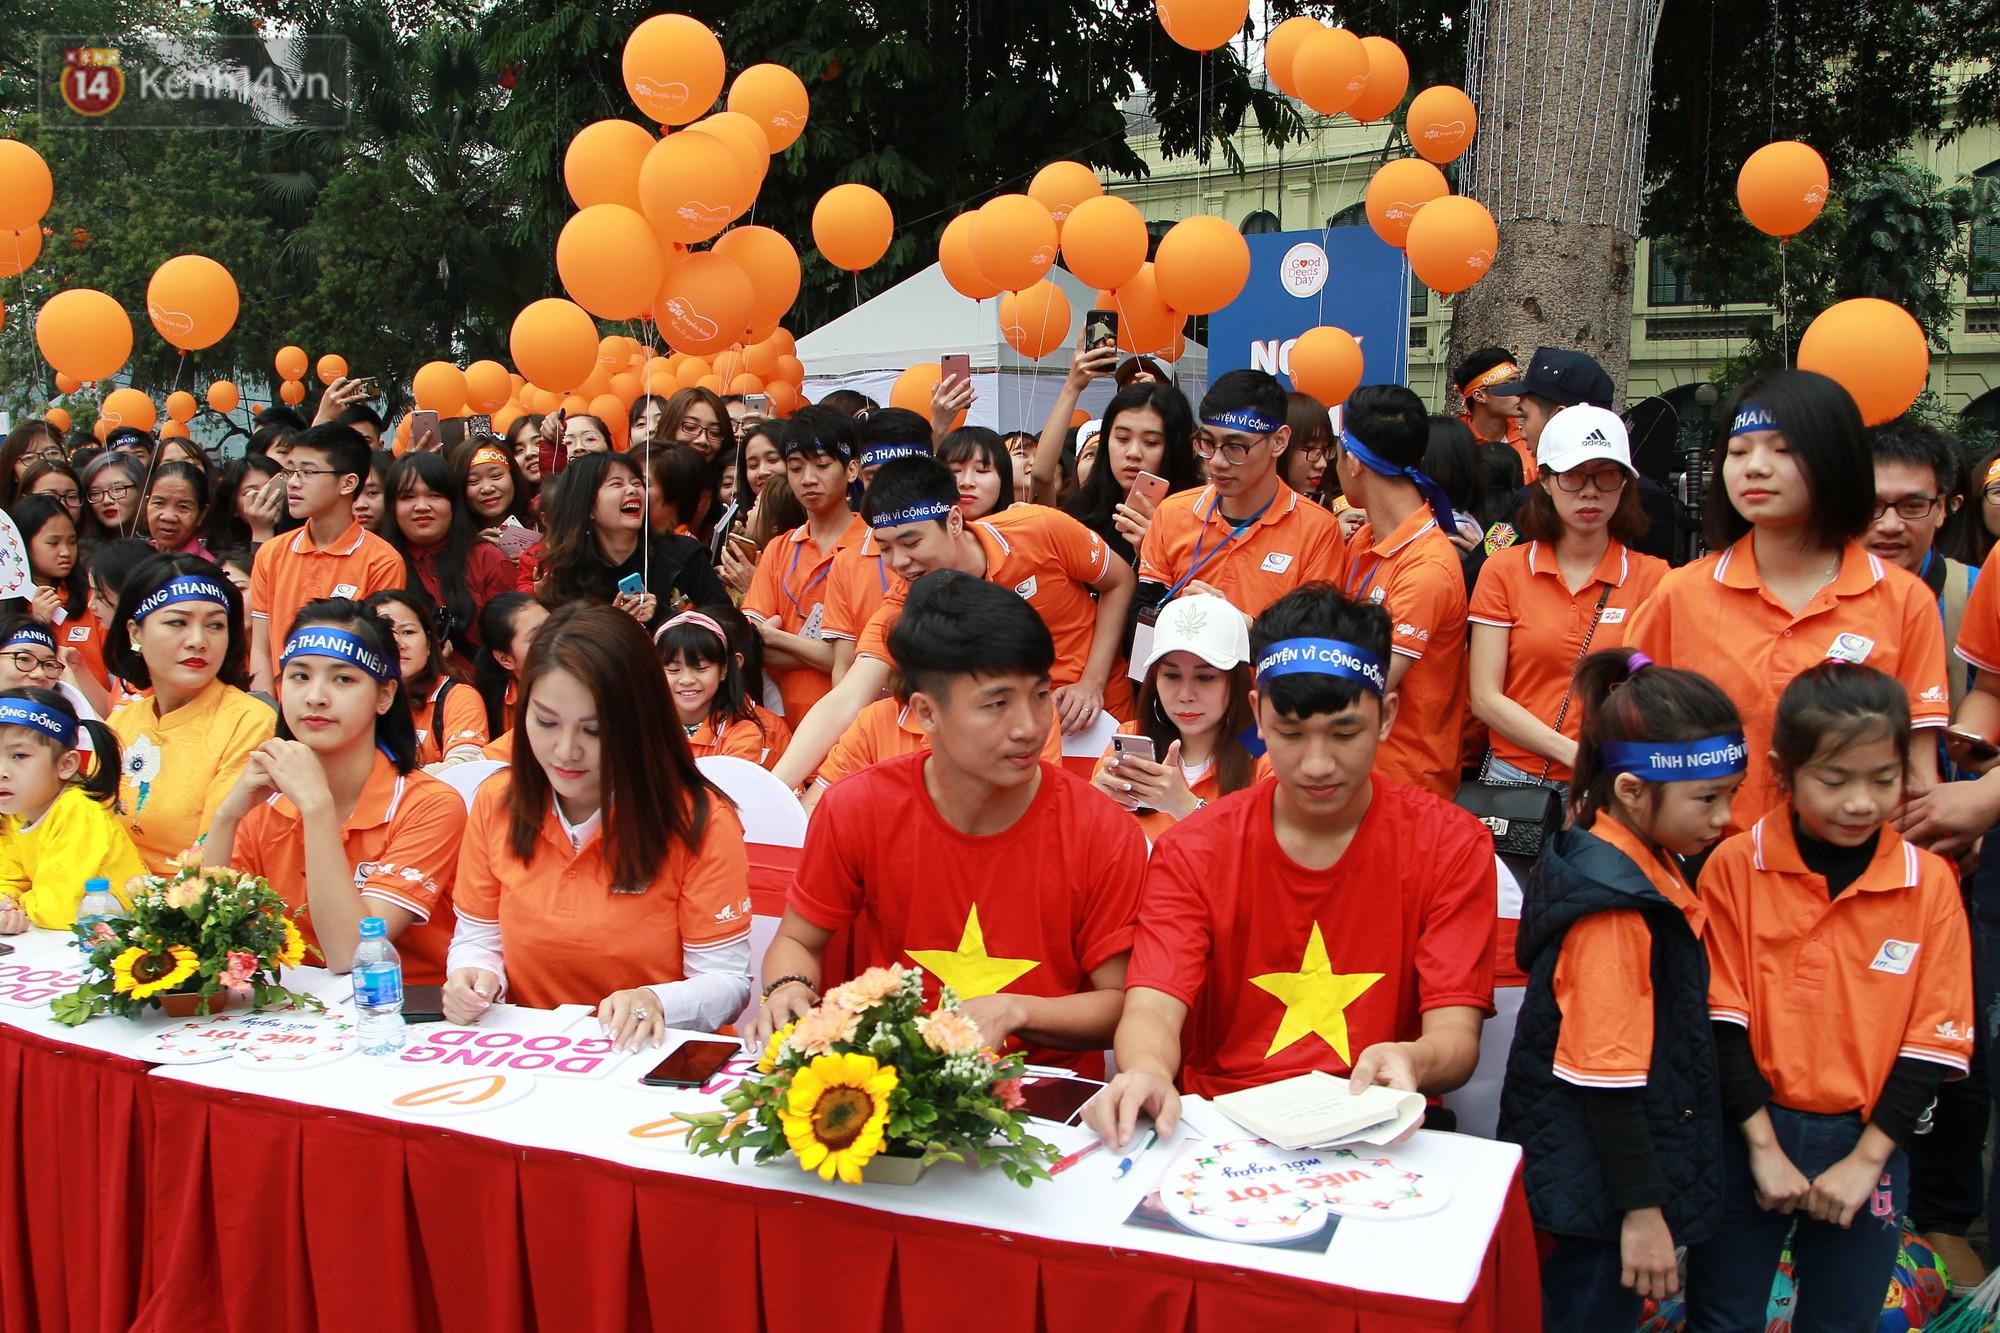 Phố đi bộ Hồ Gươm tắc nghẽn khi Trọng Đại, Tiến Dũng U23 cùng 5000 người dân tham gia ngày hội tình nguyện - Ảnh 1.